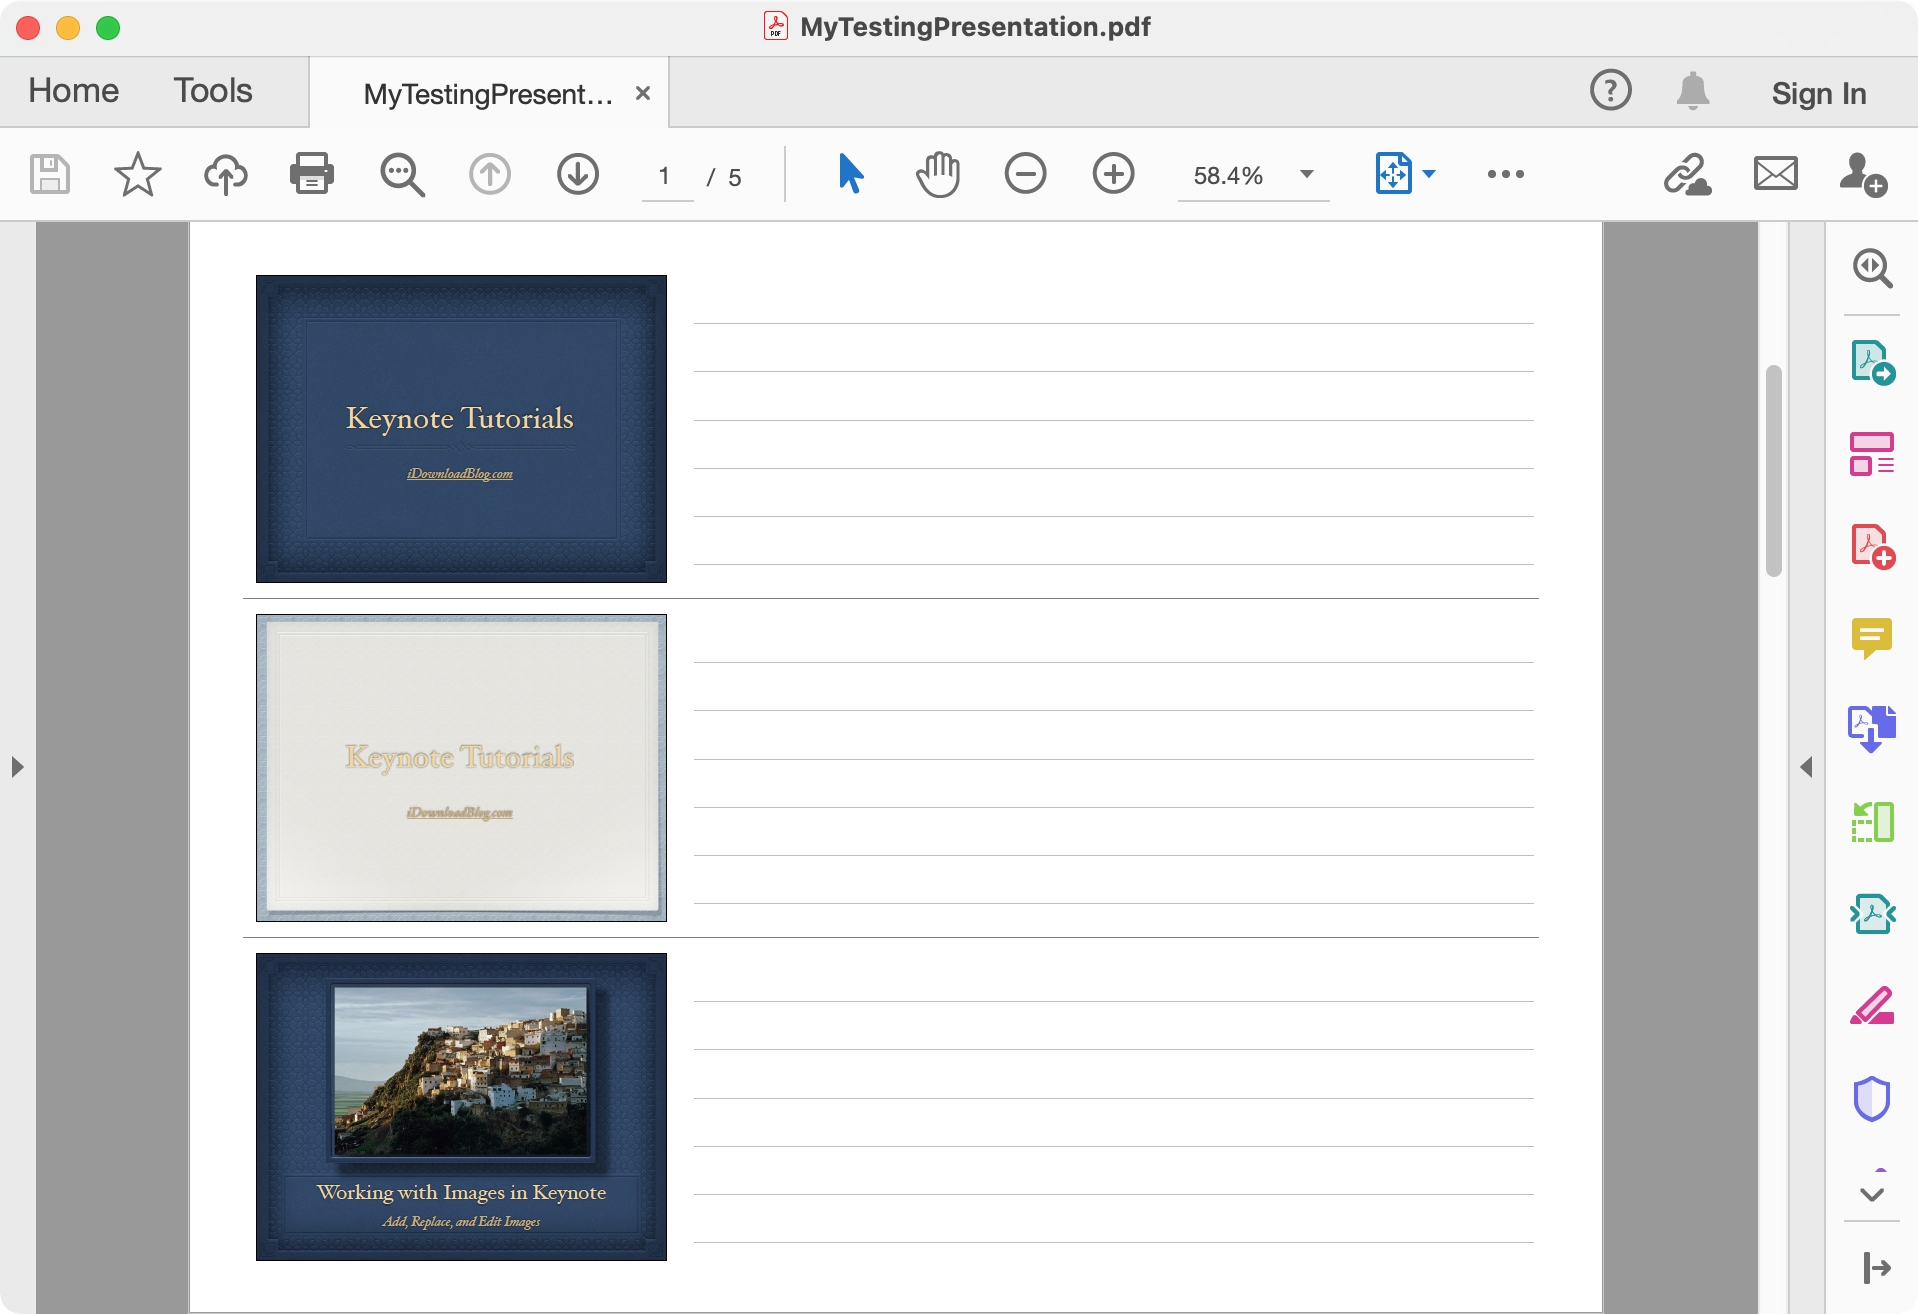 Handout PDF from Keynote